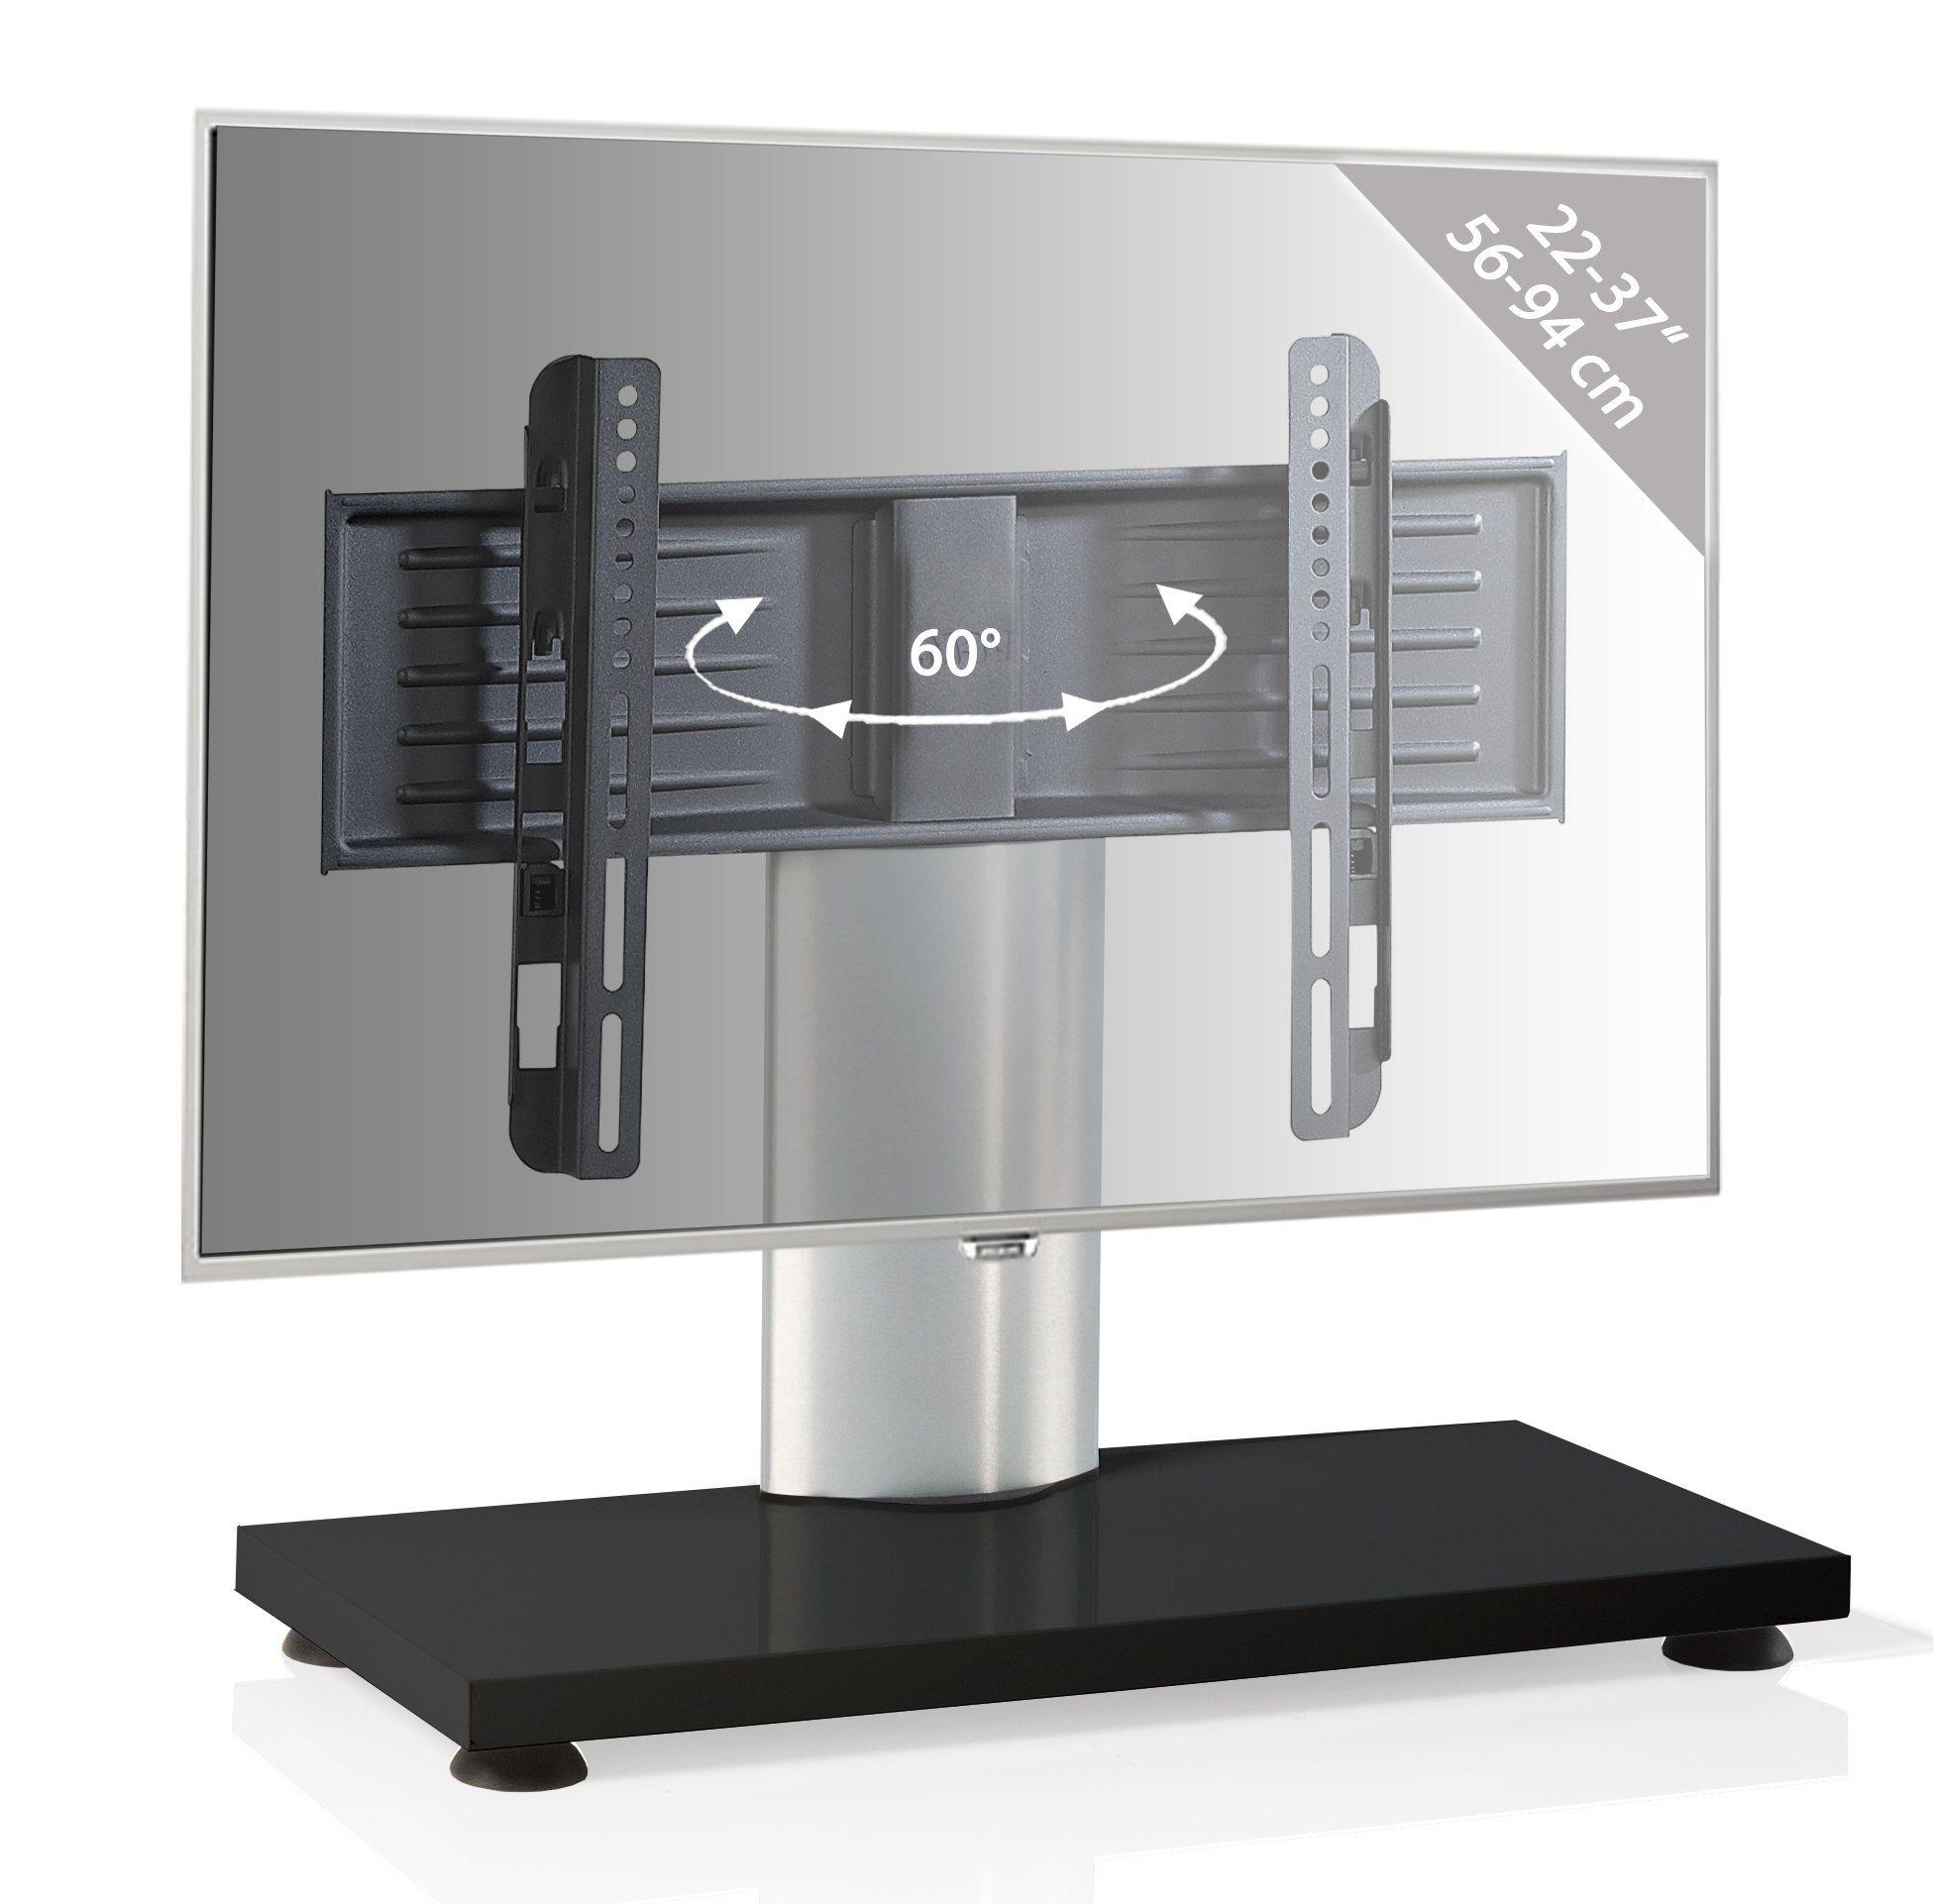 VCM TV-Tischstandfuß ´´VCM1´´ | Wohnzimmer > TV-HiFi-Möbel > Ständer & Standfüße | Aluminium - Mdf | VCM